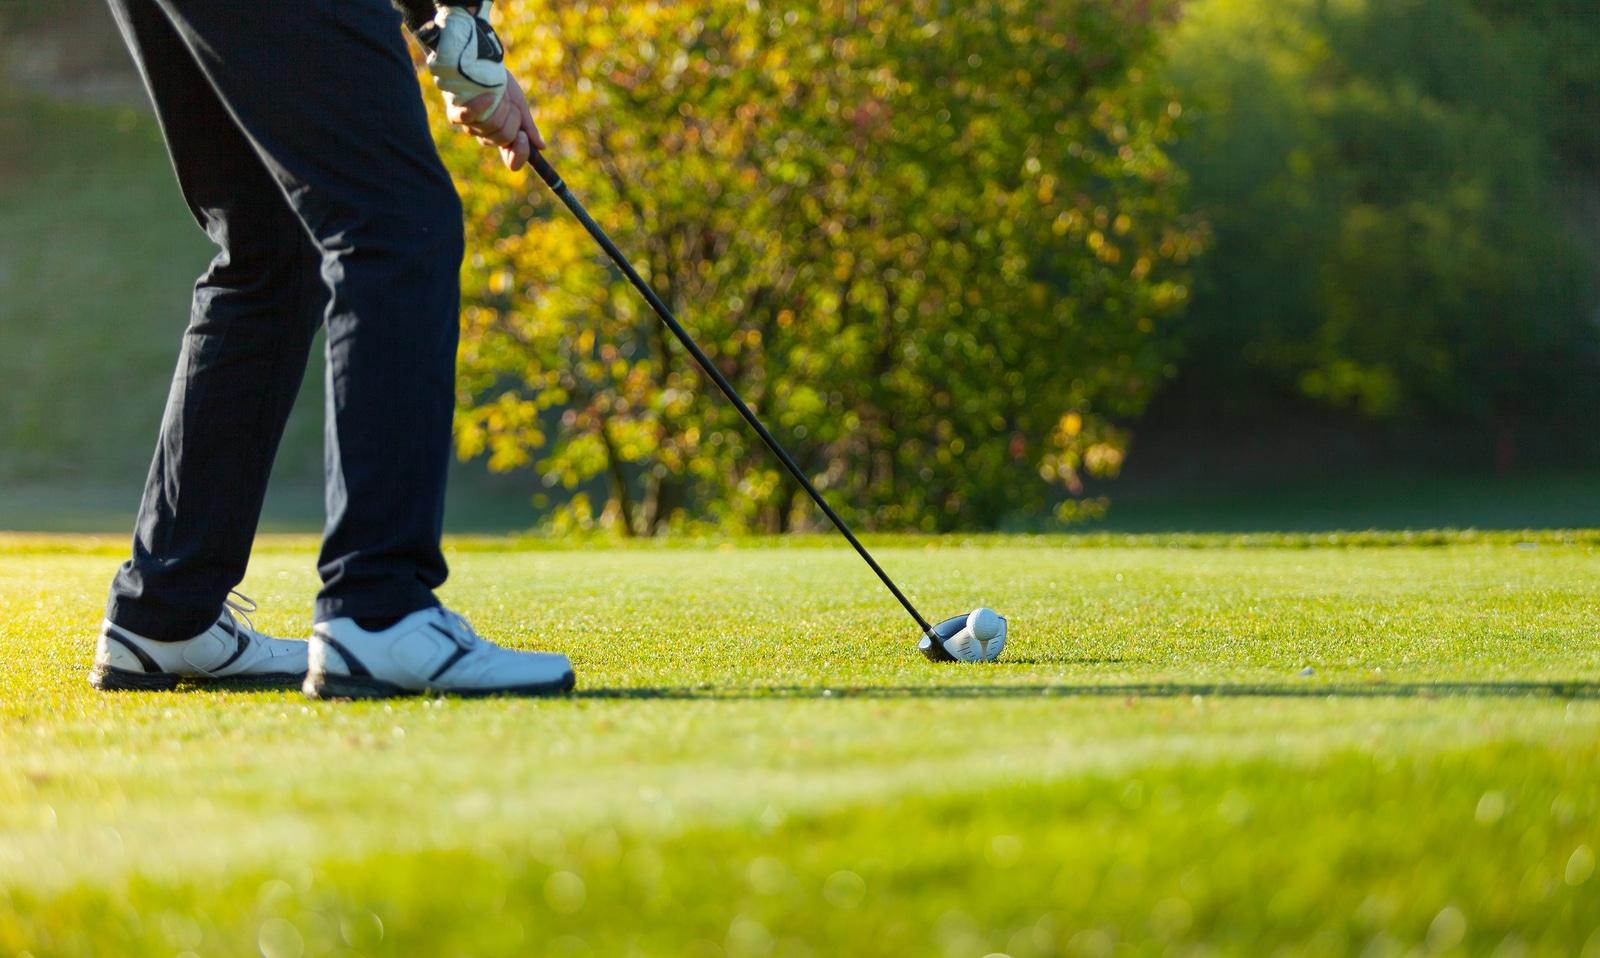 Los Cabos recibe al golfista profesional Greg Norman en evento privado en Grand Solmar